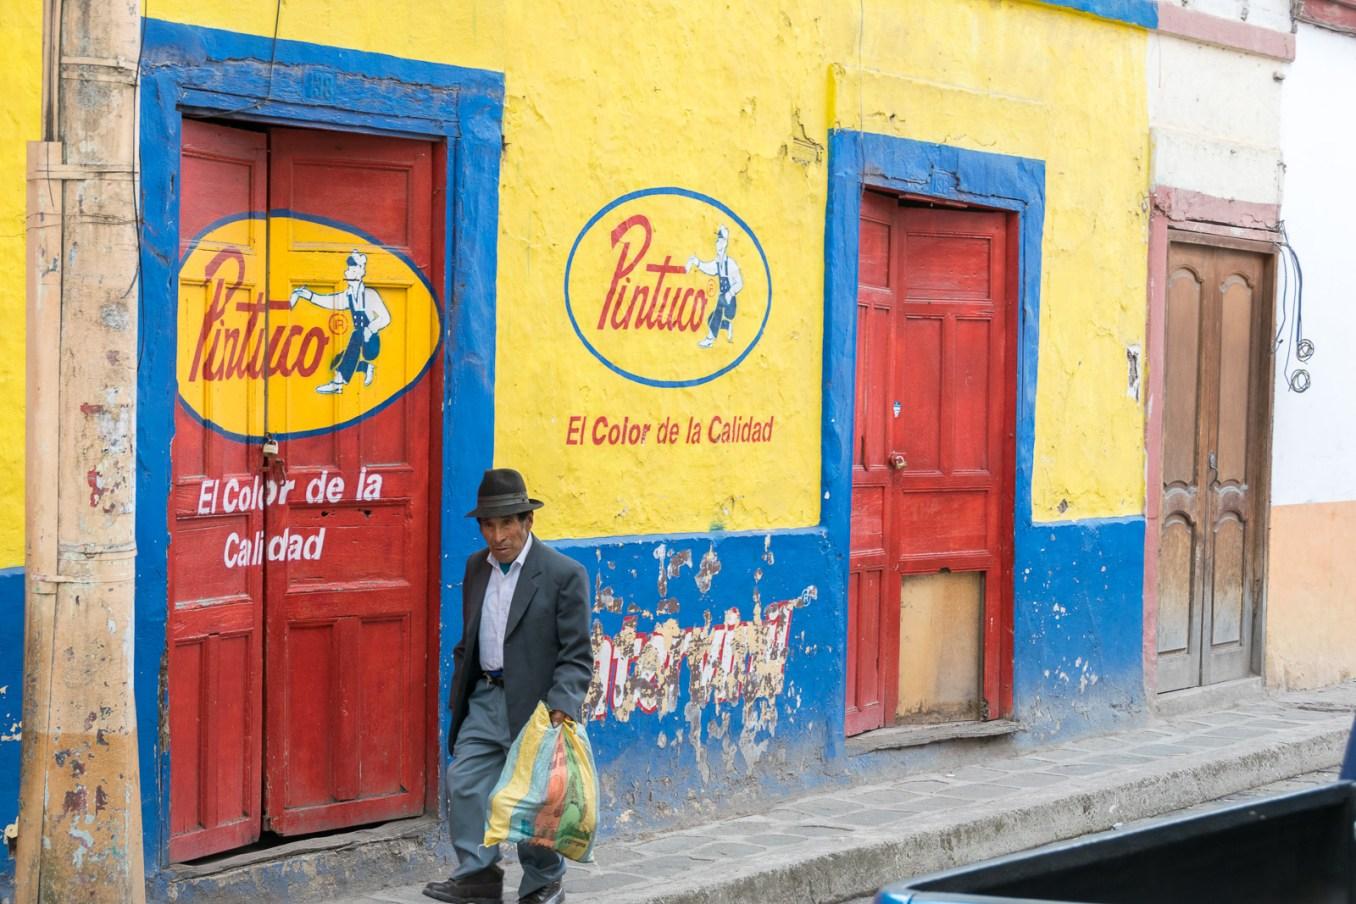 plucciola_2015_Ecuador_086